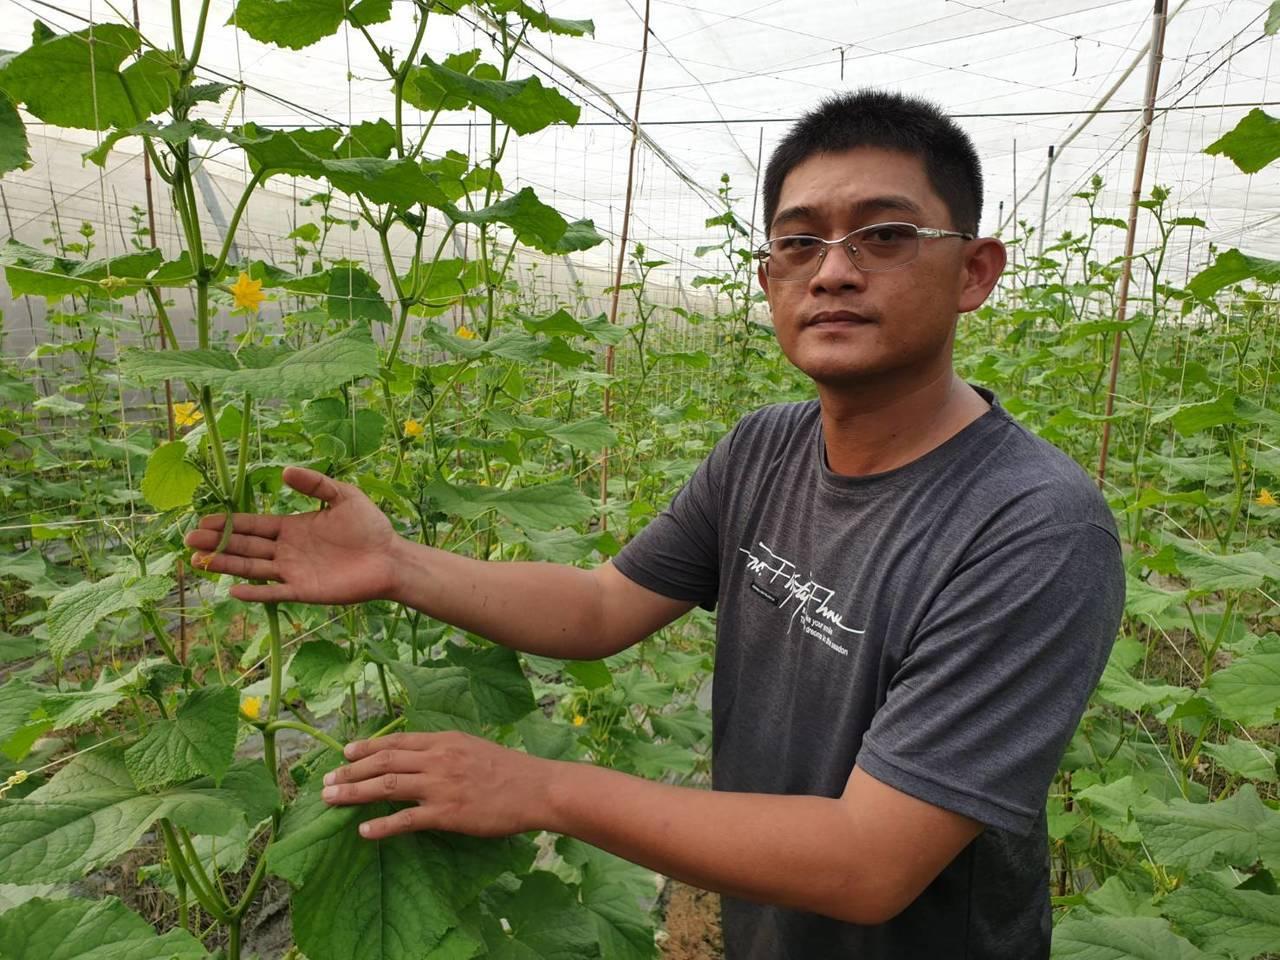 軍官退伍的吳志賢以管理部隊的方式管理瓜田,讓他的小黃瓜一年四季皆能收成。記者翁禎...